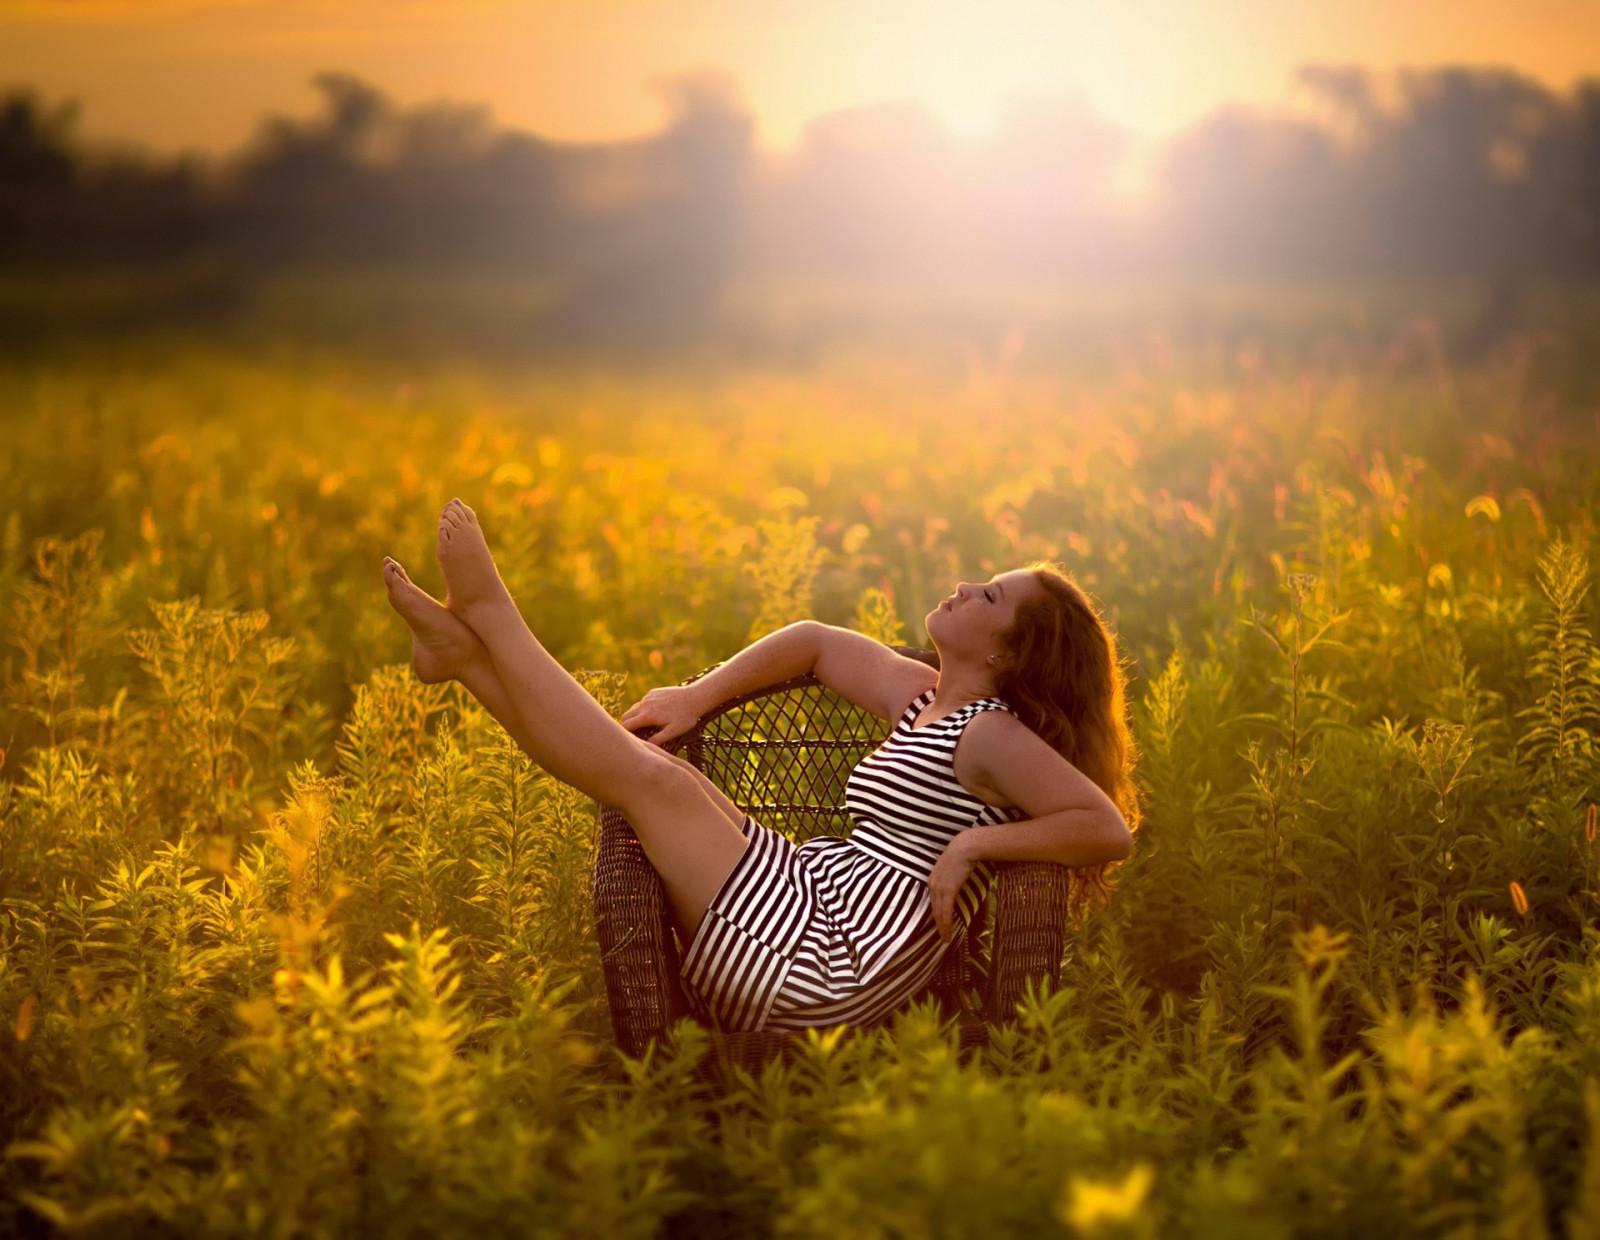 Фото красивых девушек в лучах солнца, Девушка в лучах солнца Girl in the sun Похожие фото 7 фотография